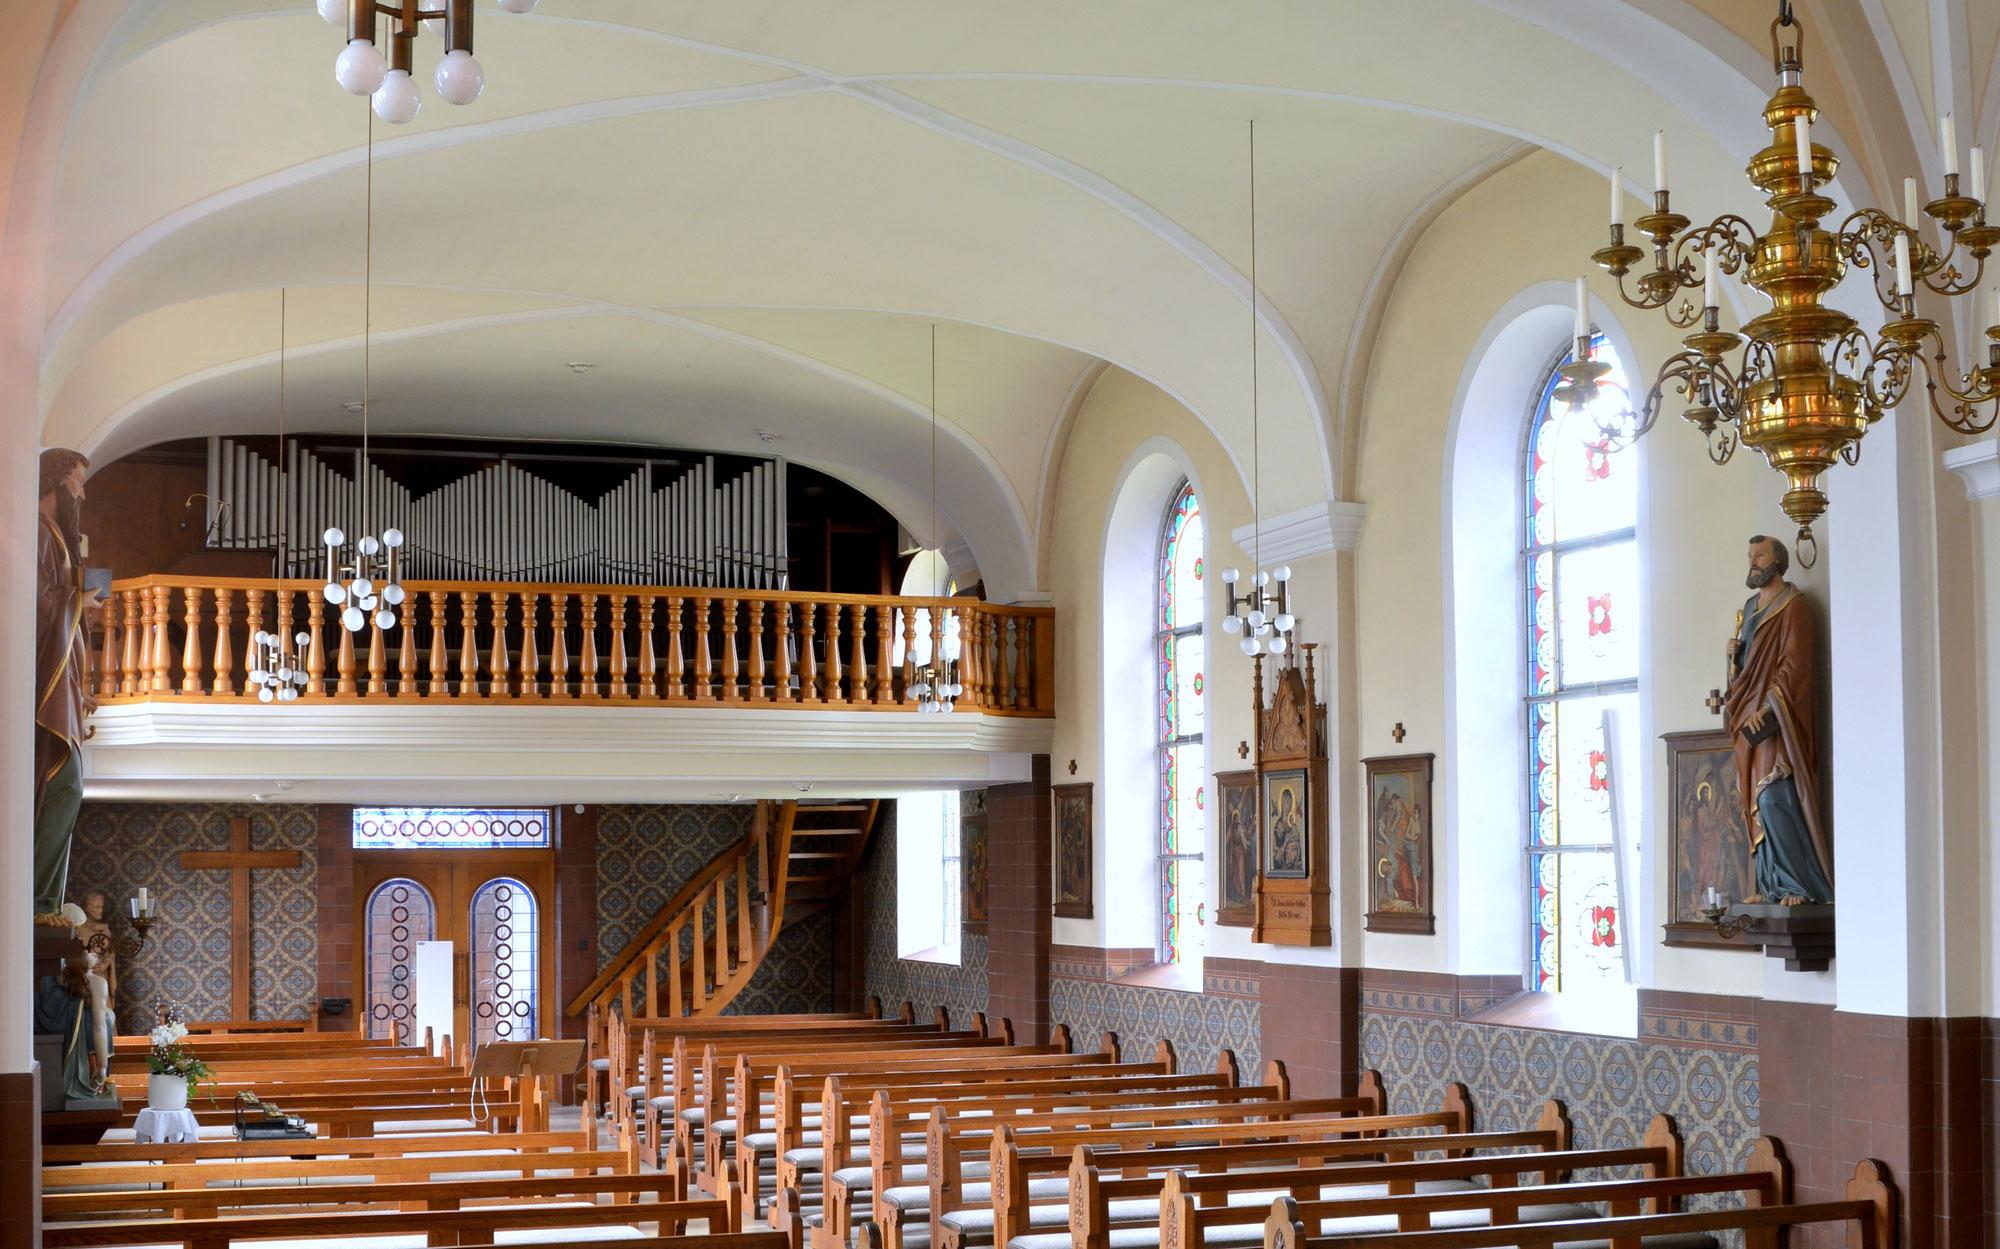 Orgelrenovierung in Kneheim abgeschlossen